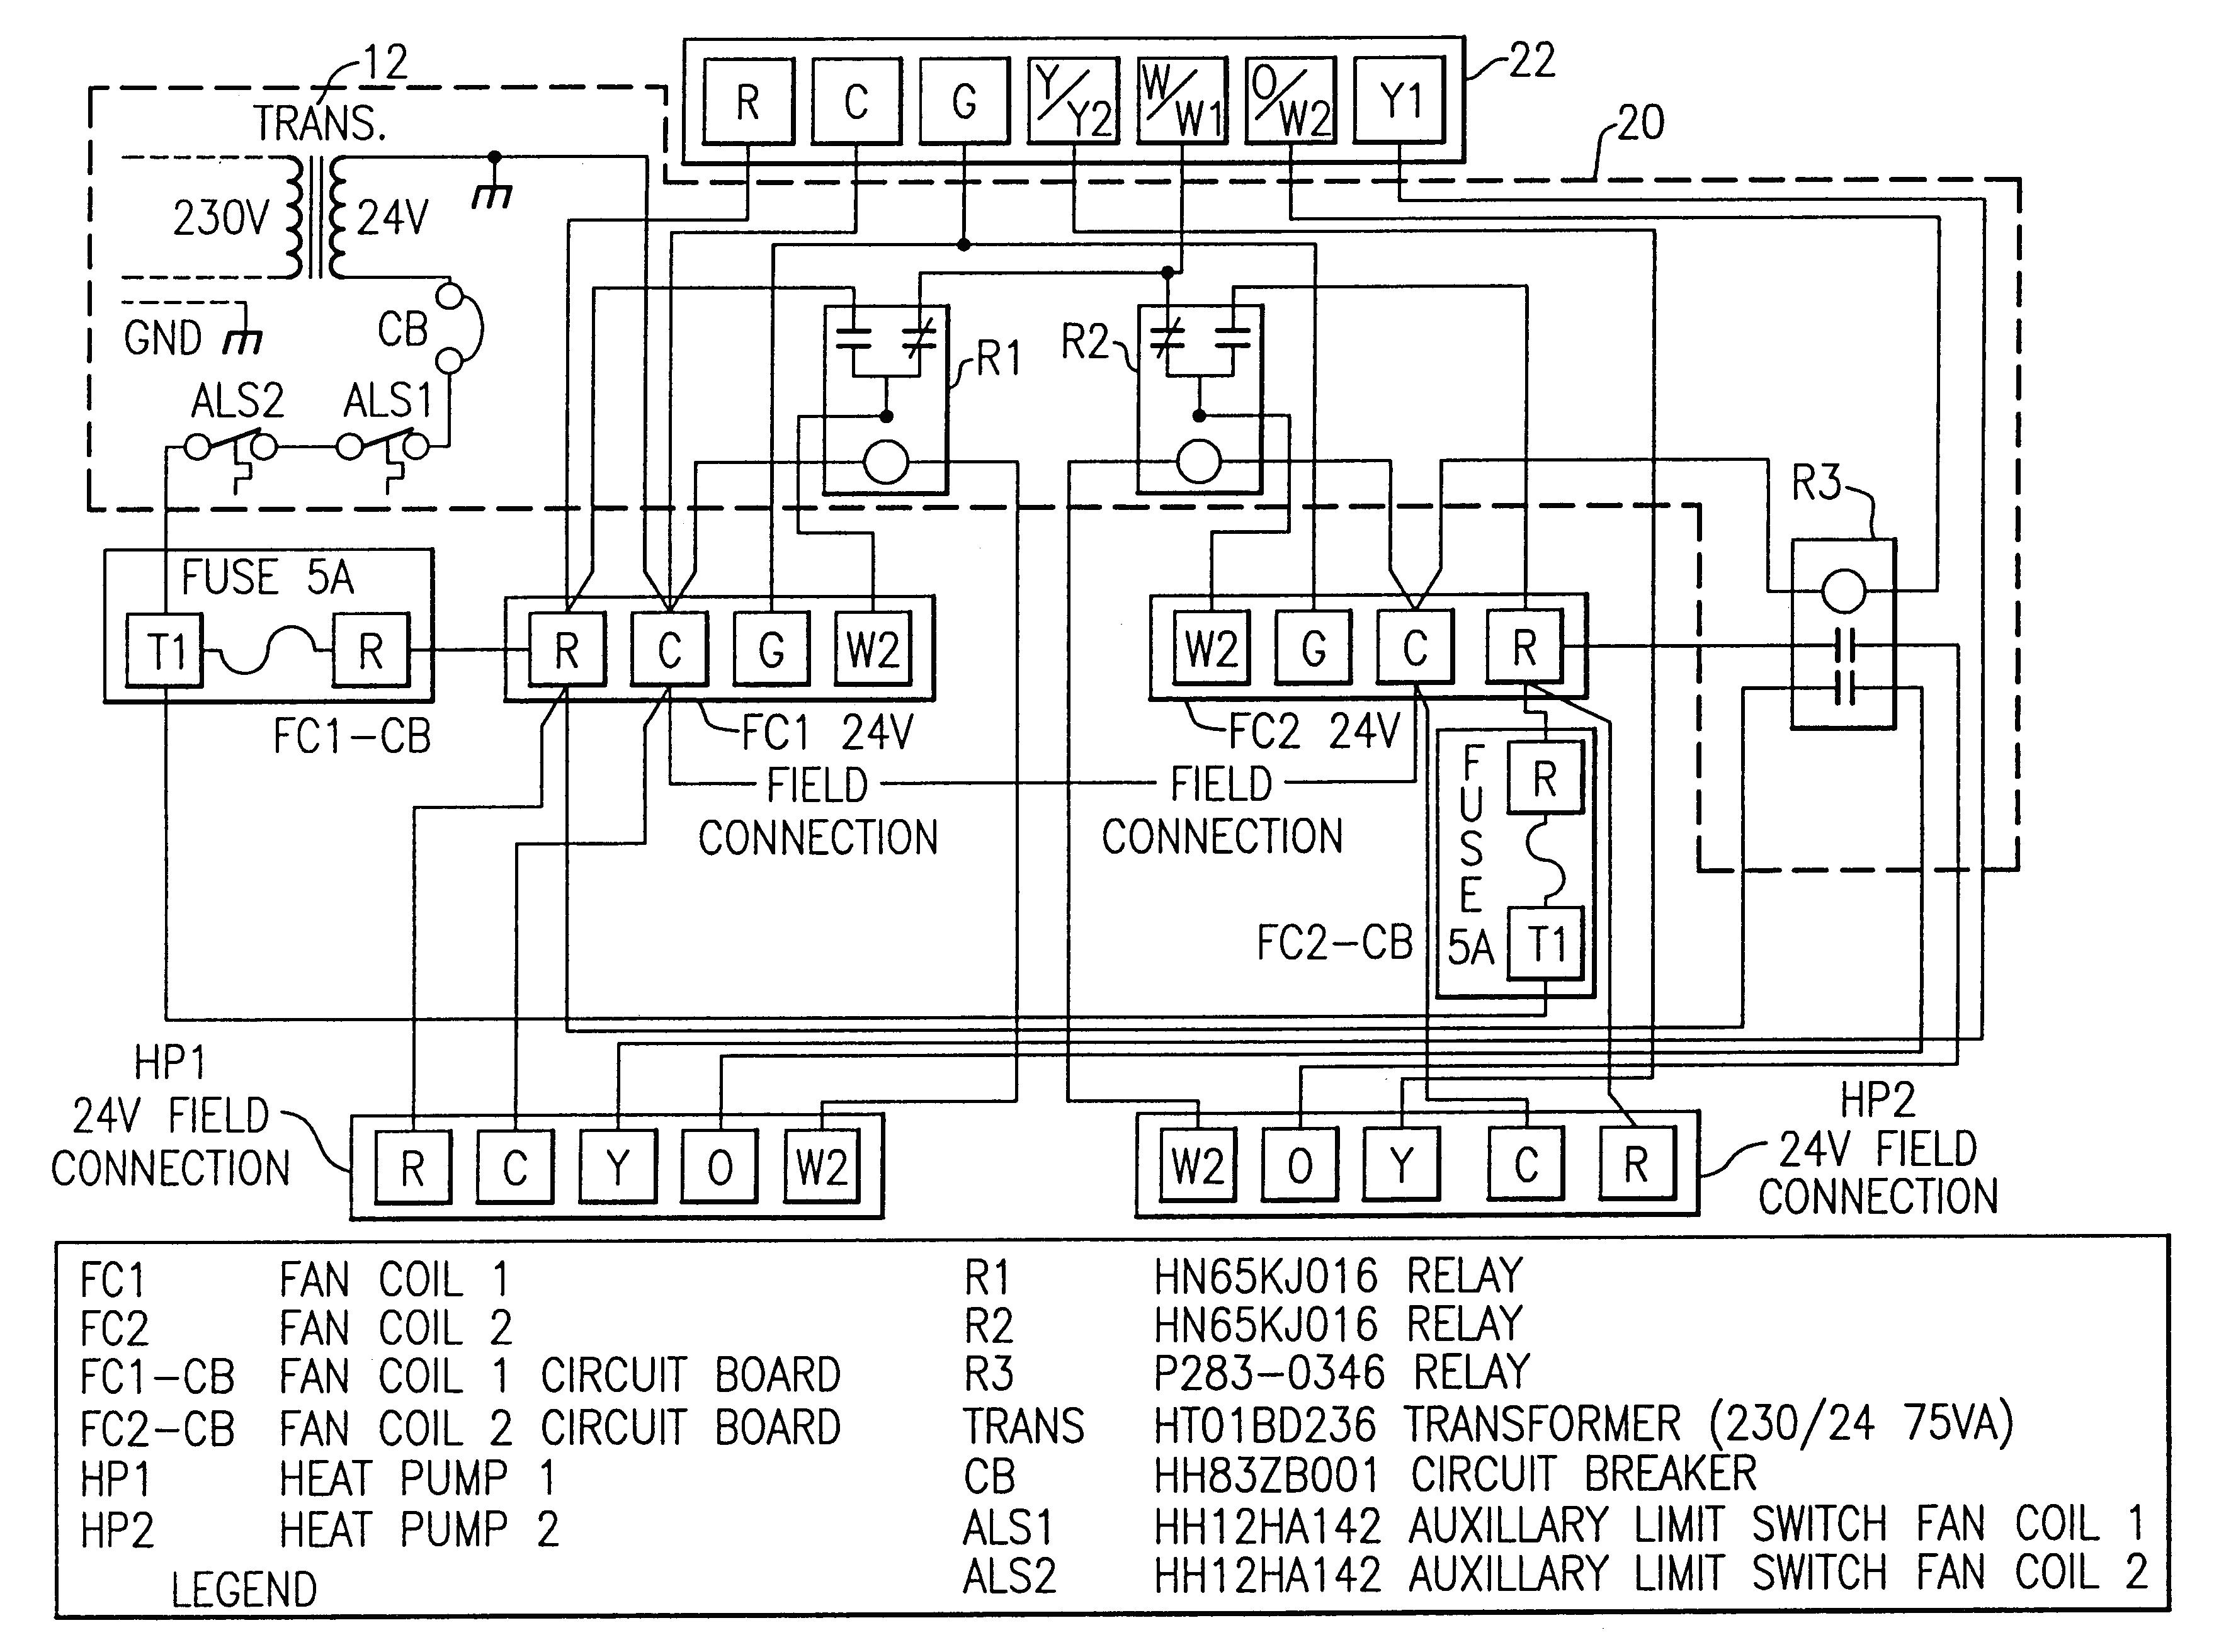 Rheem Classic Air Conditioner Wiring Diagram | Wiring Diagram - Rheem Heat Pump Wiring Diagram